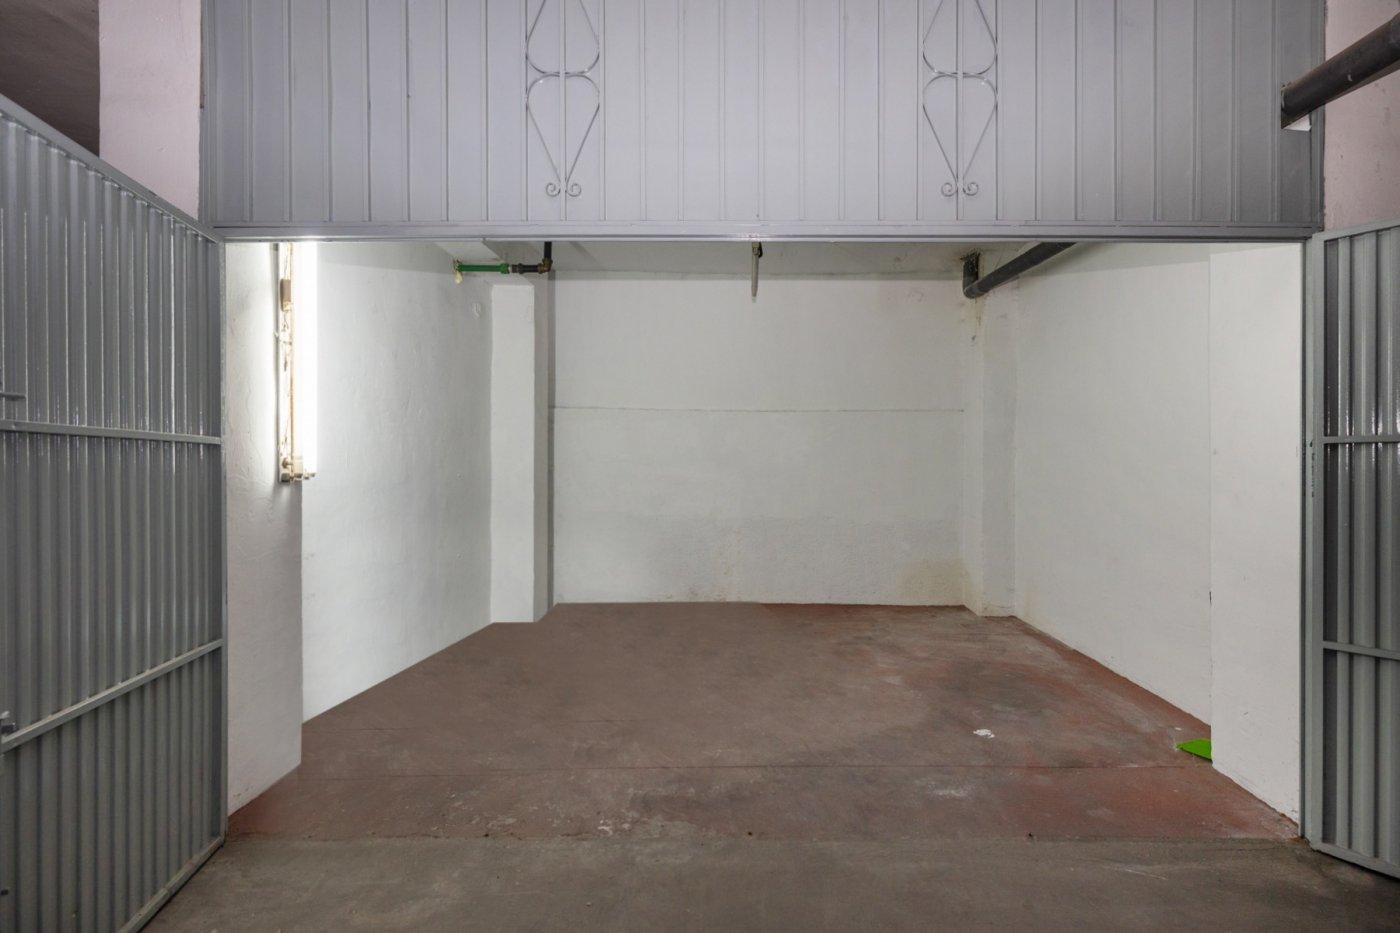 Plaza de garaje cerrado en gonzalo gallas